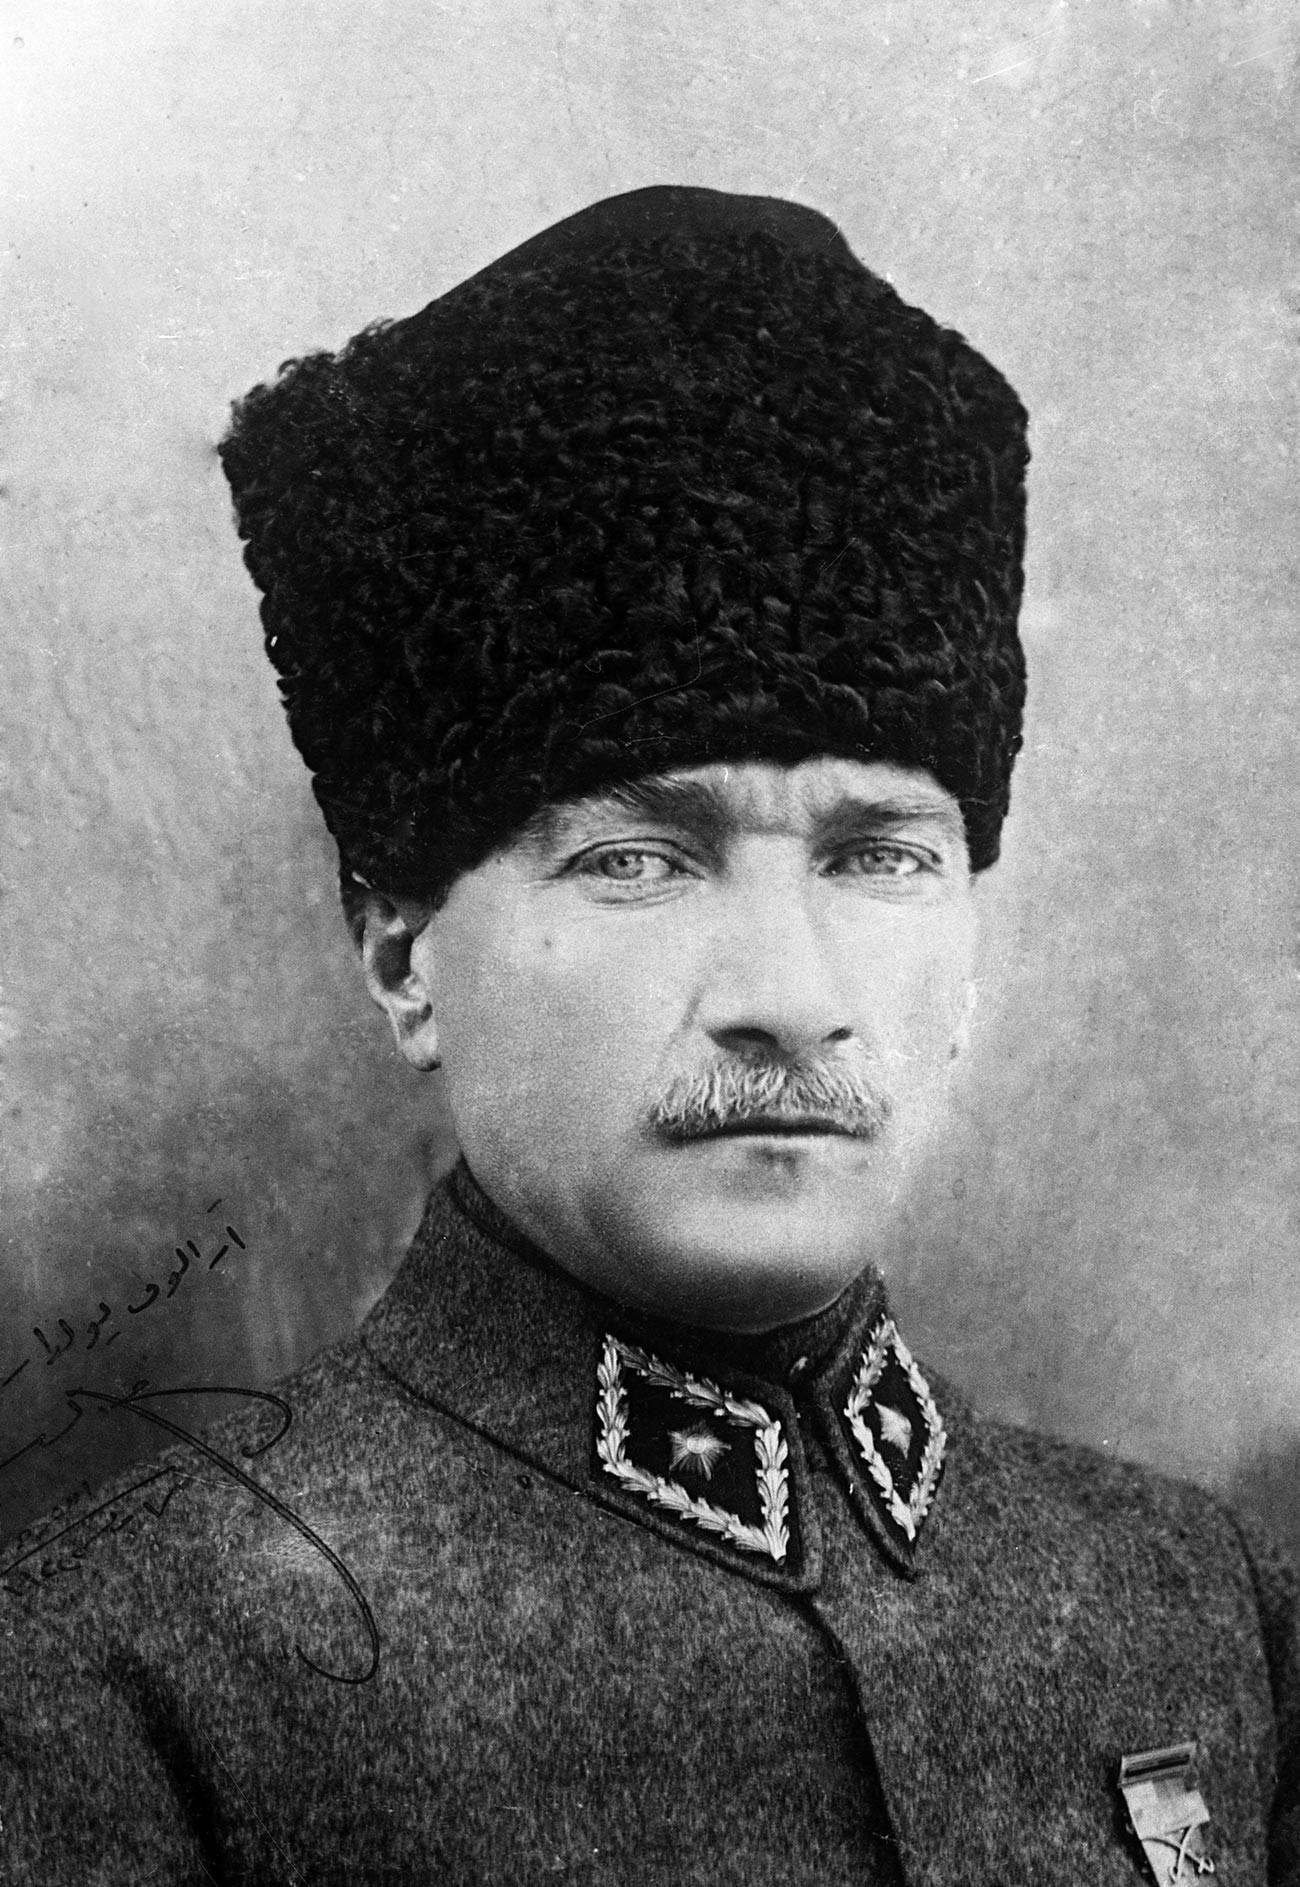 Potret Ataturk, yang dihadiahkan kepada utusan Soviet untuk Turki, Semyon Aralov.